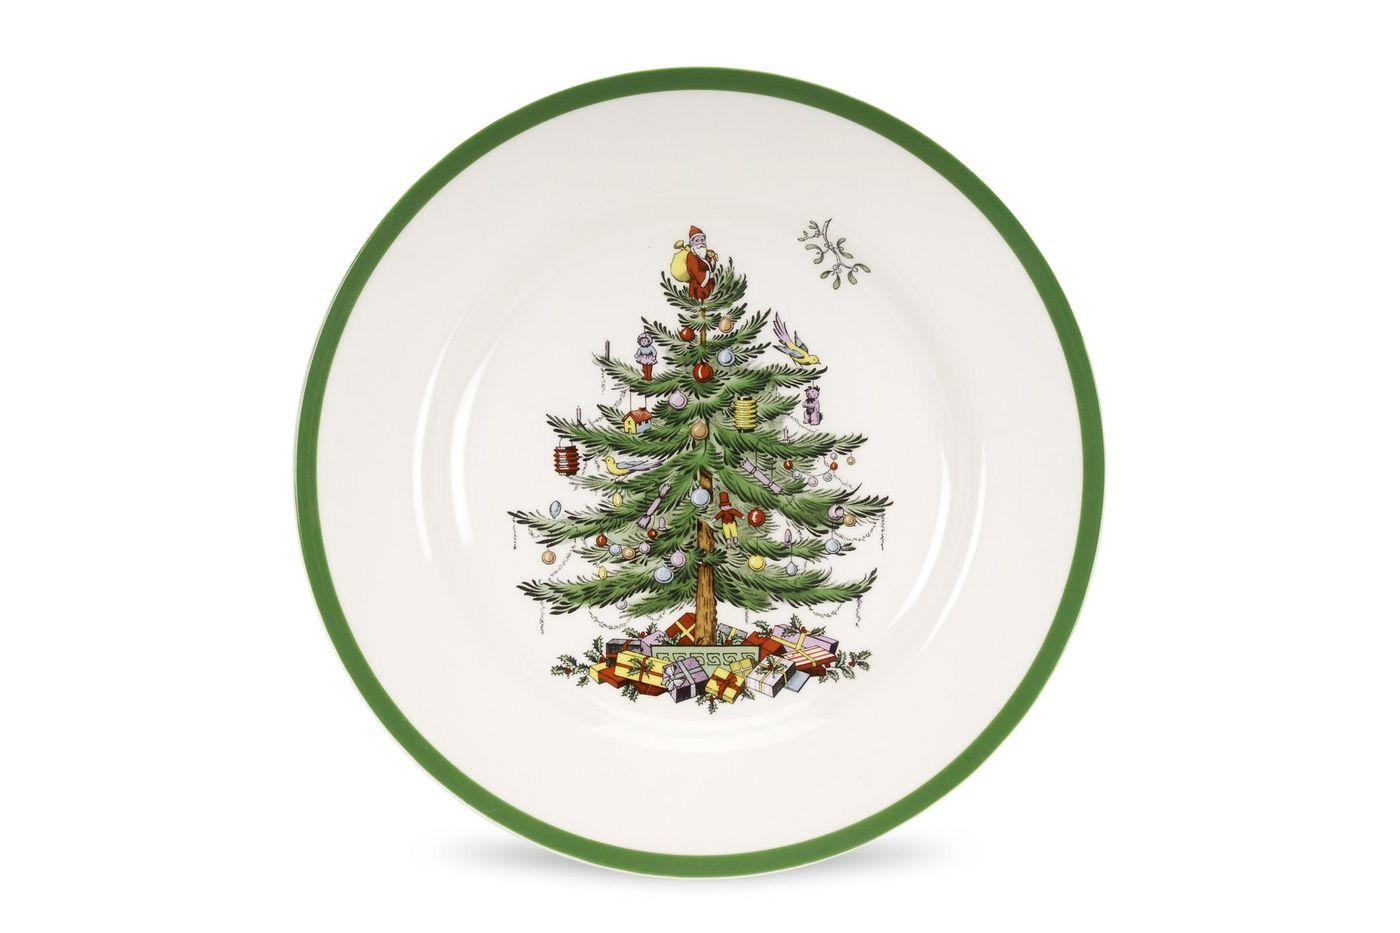 """Spode Christmas Tree Dinner Plate 10 5/8"""" thumb 1"""